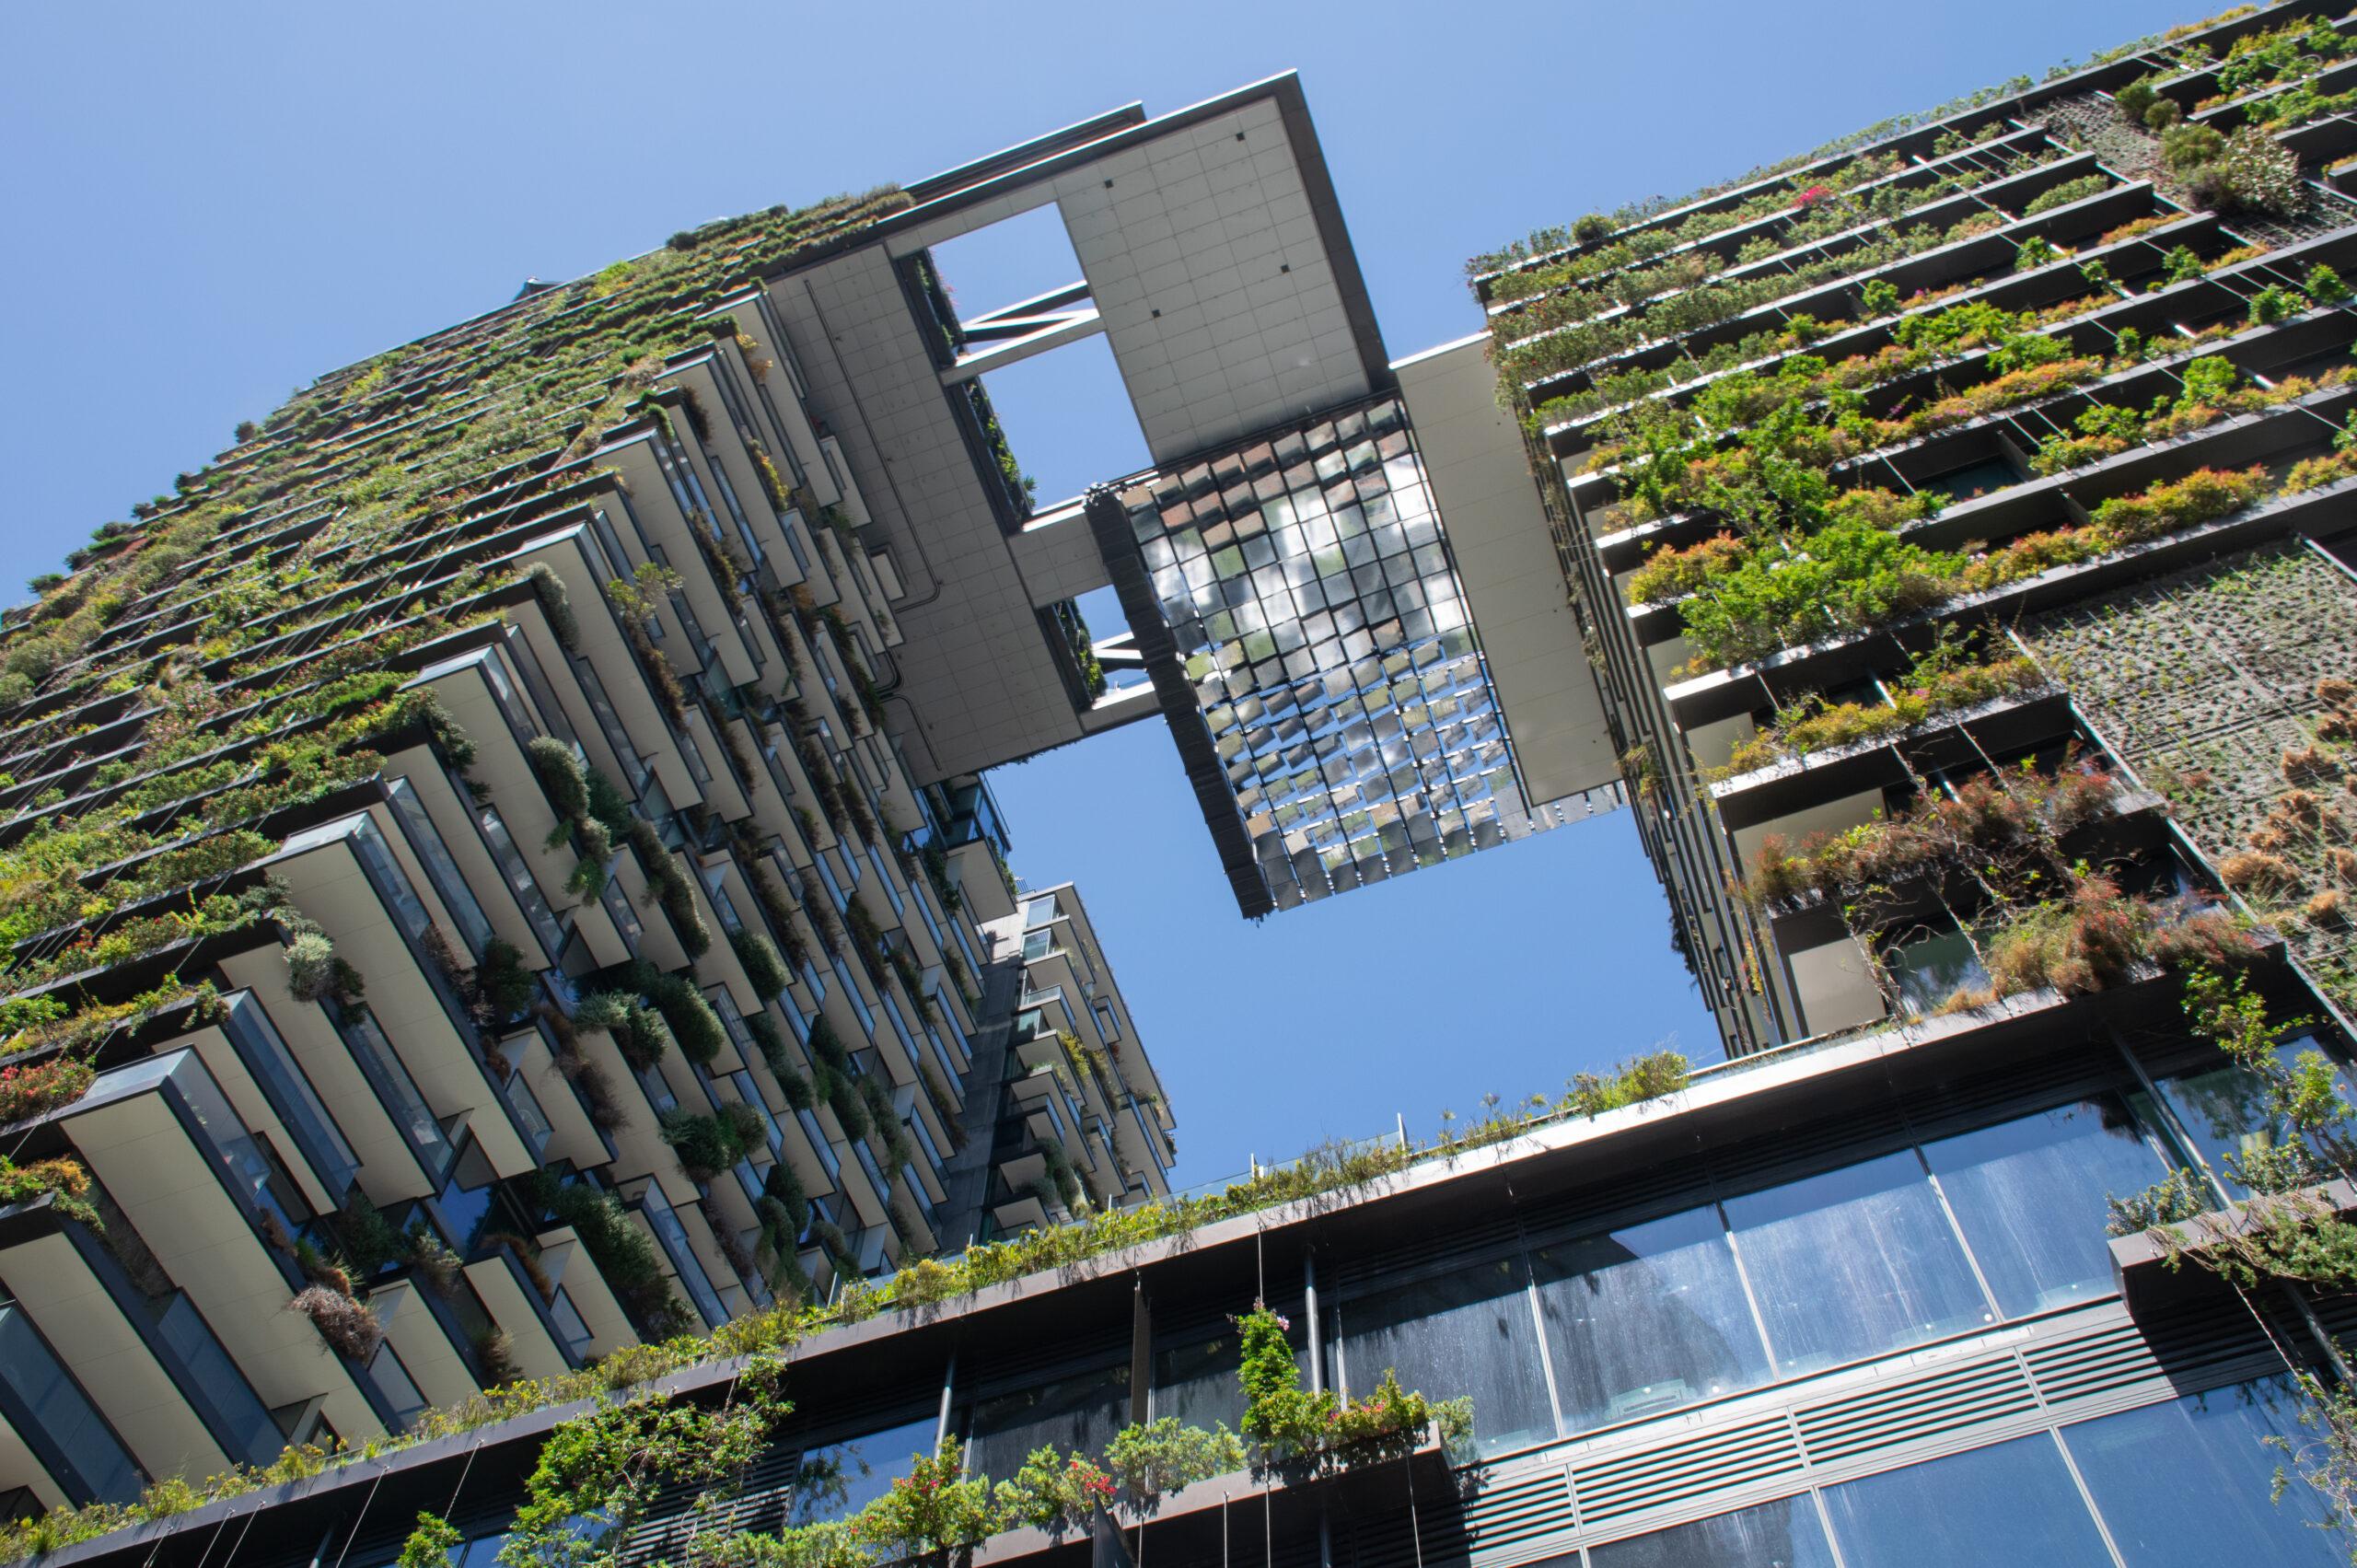 Projetos Sustentáveis: Por Que Investir?